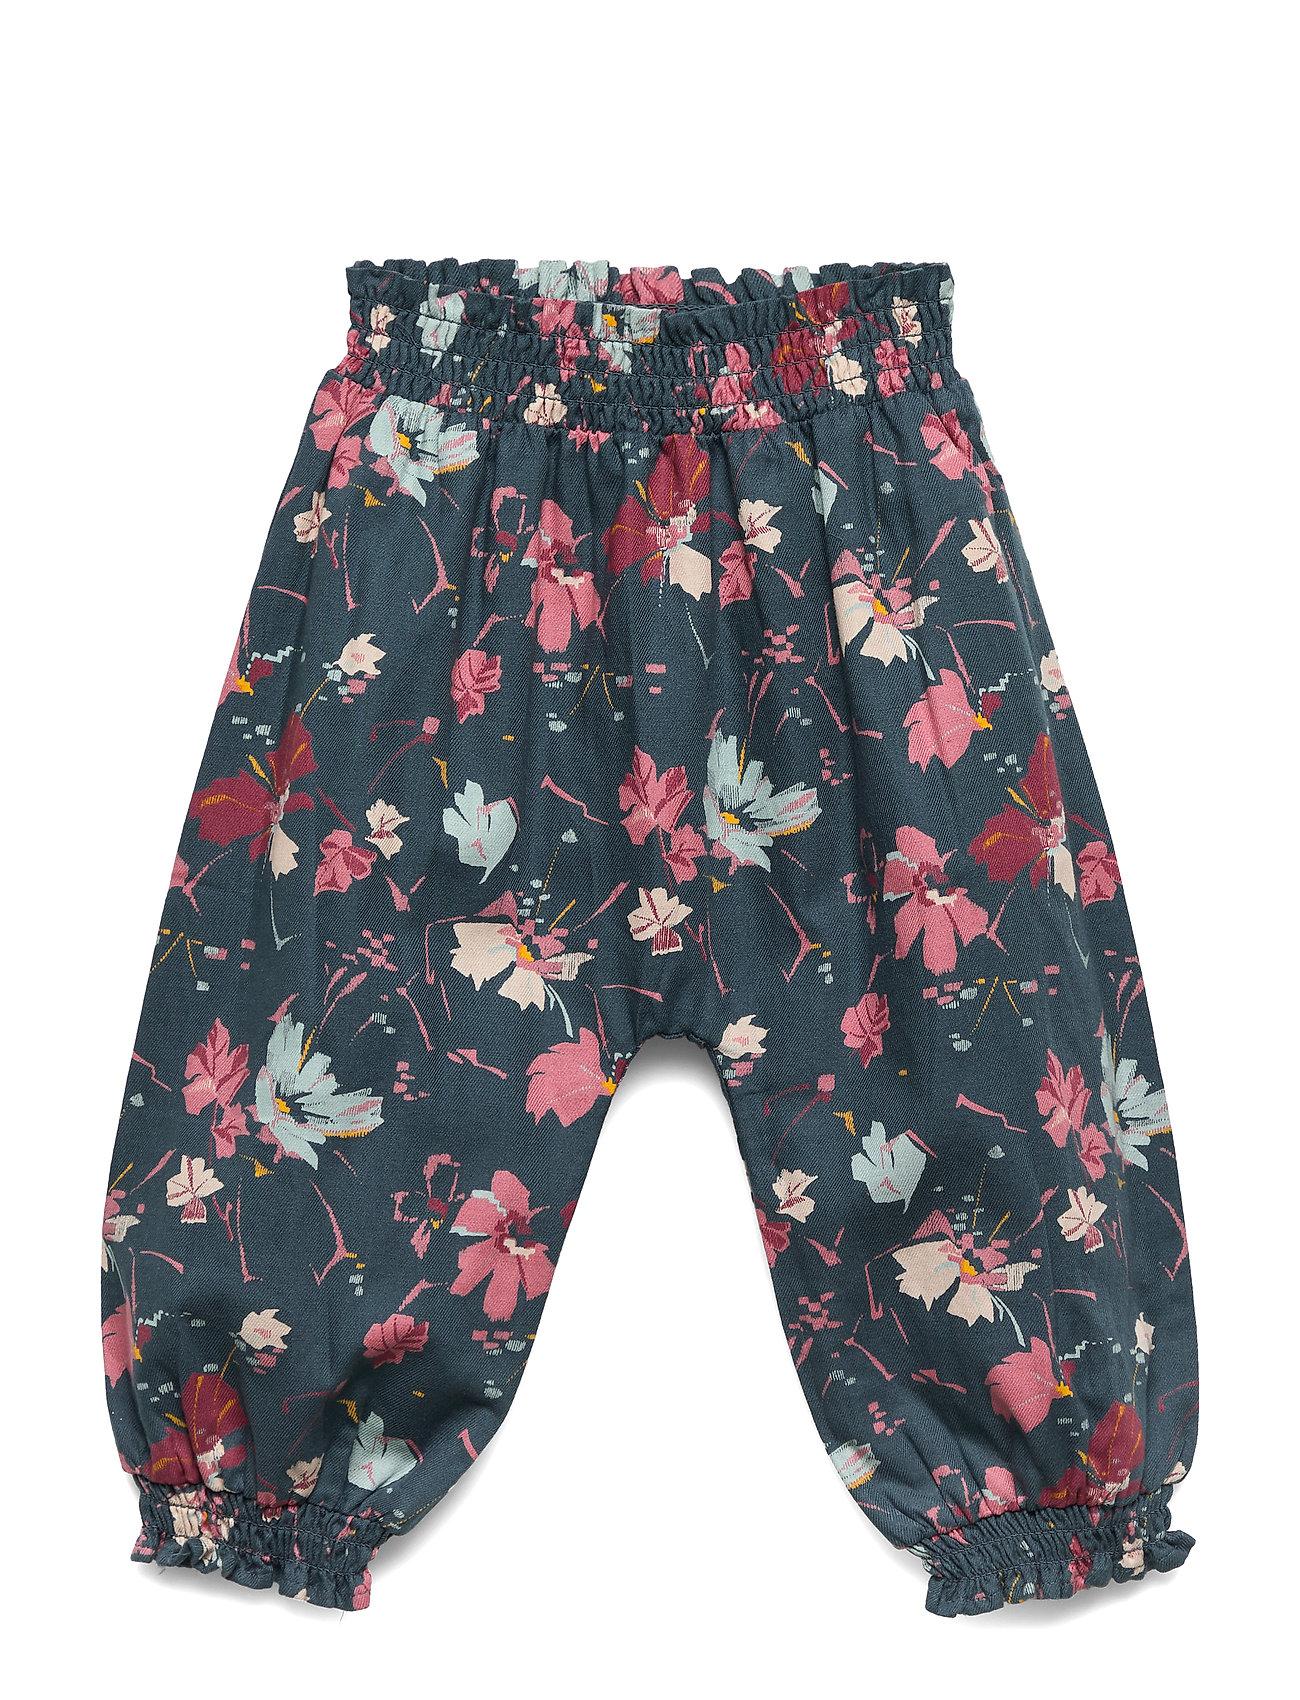 Noa Noa Miniature Trousers - STARGAZER